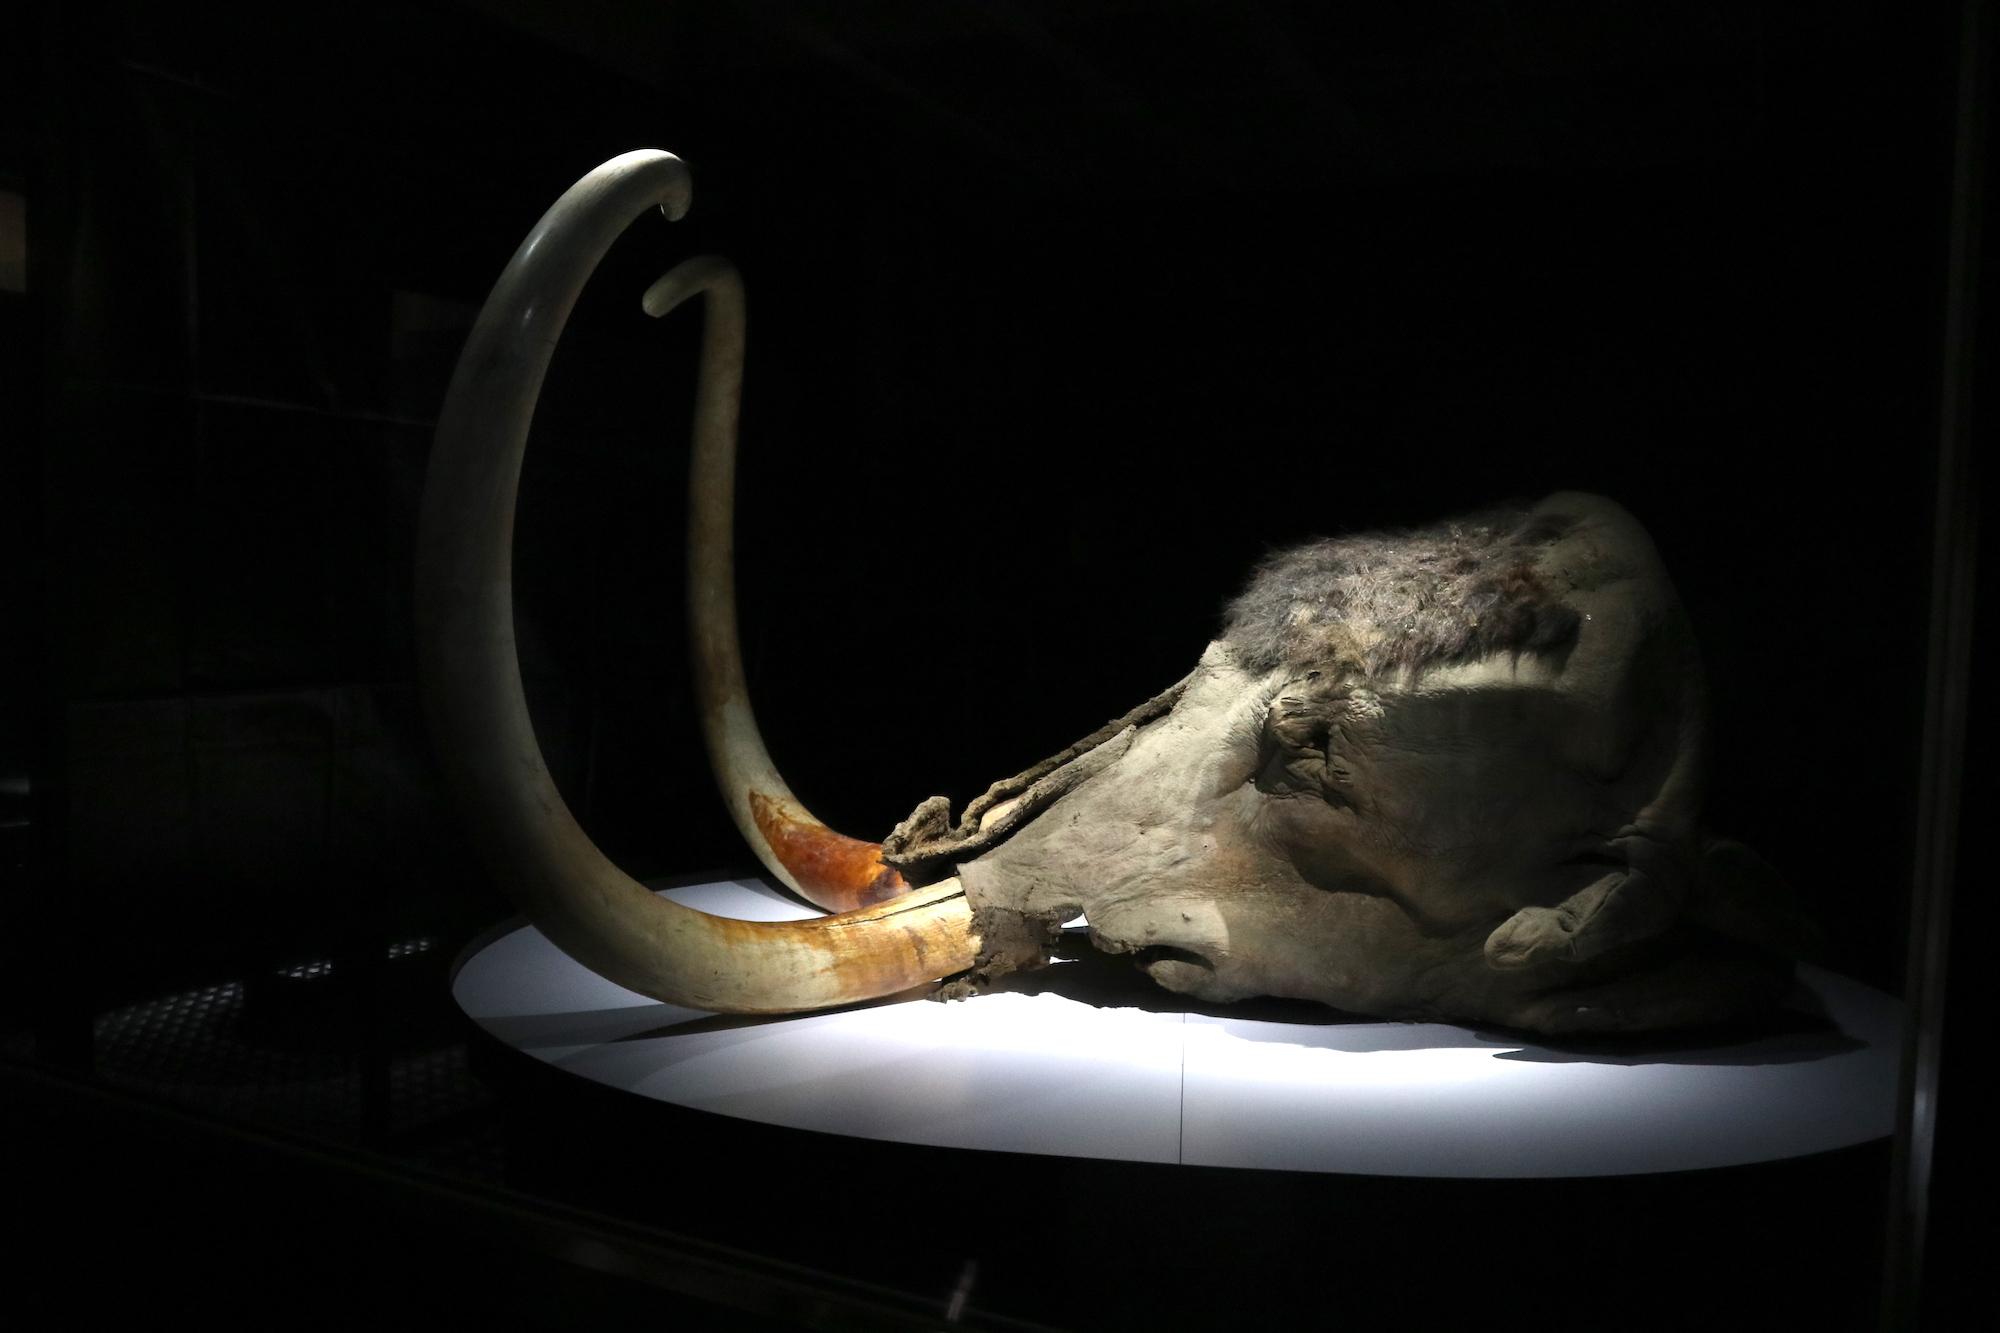 「ユカギルマンモス」の頭部冷凍標本